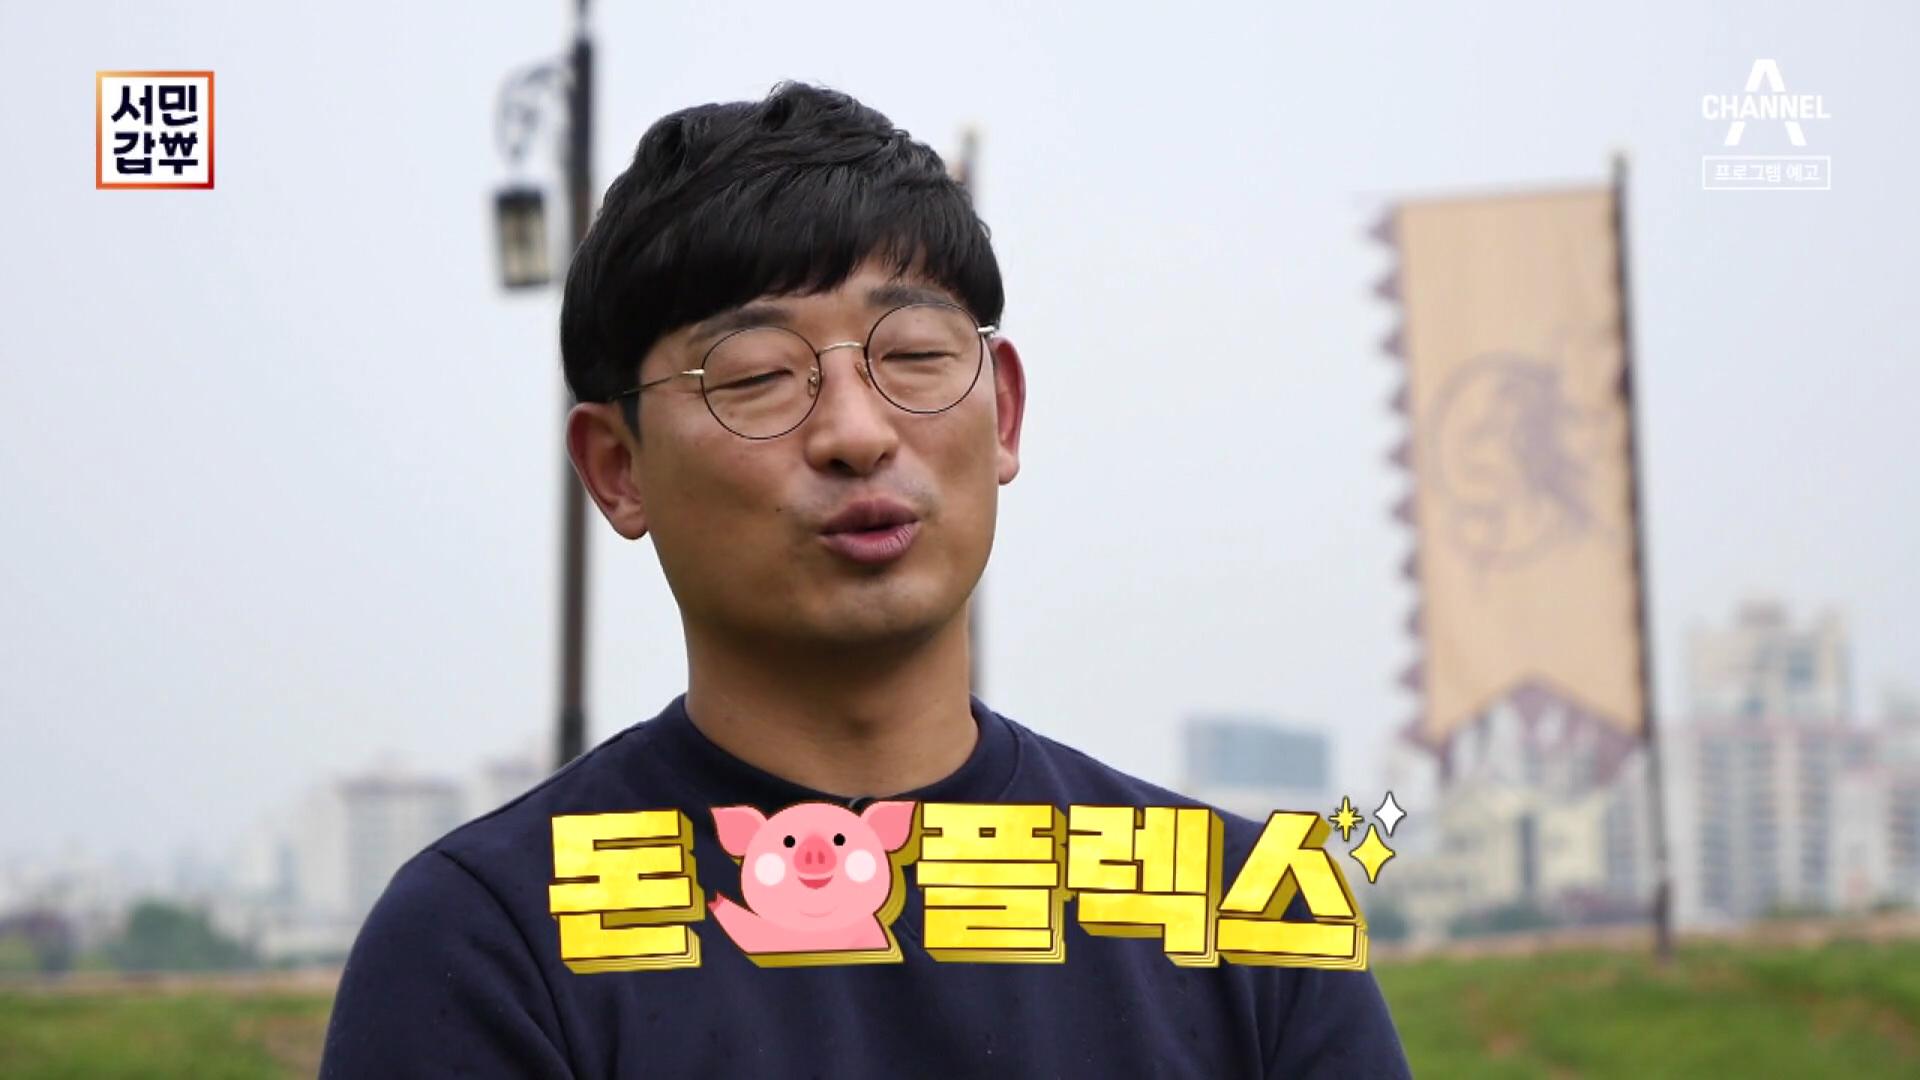 [예고] 돼지로 자산 40억 원?! $$